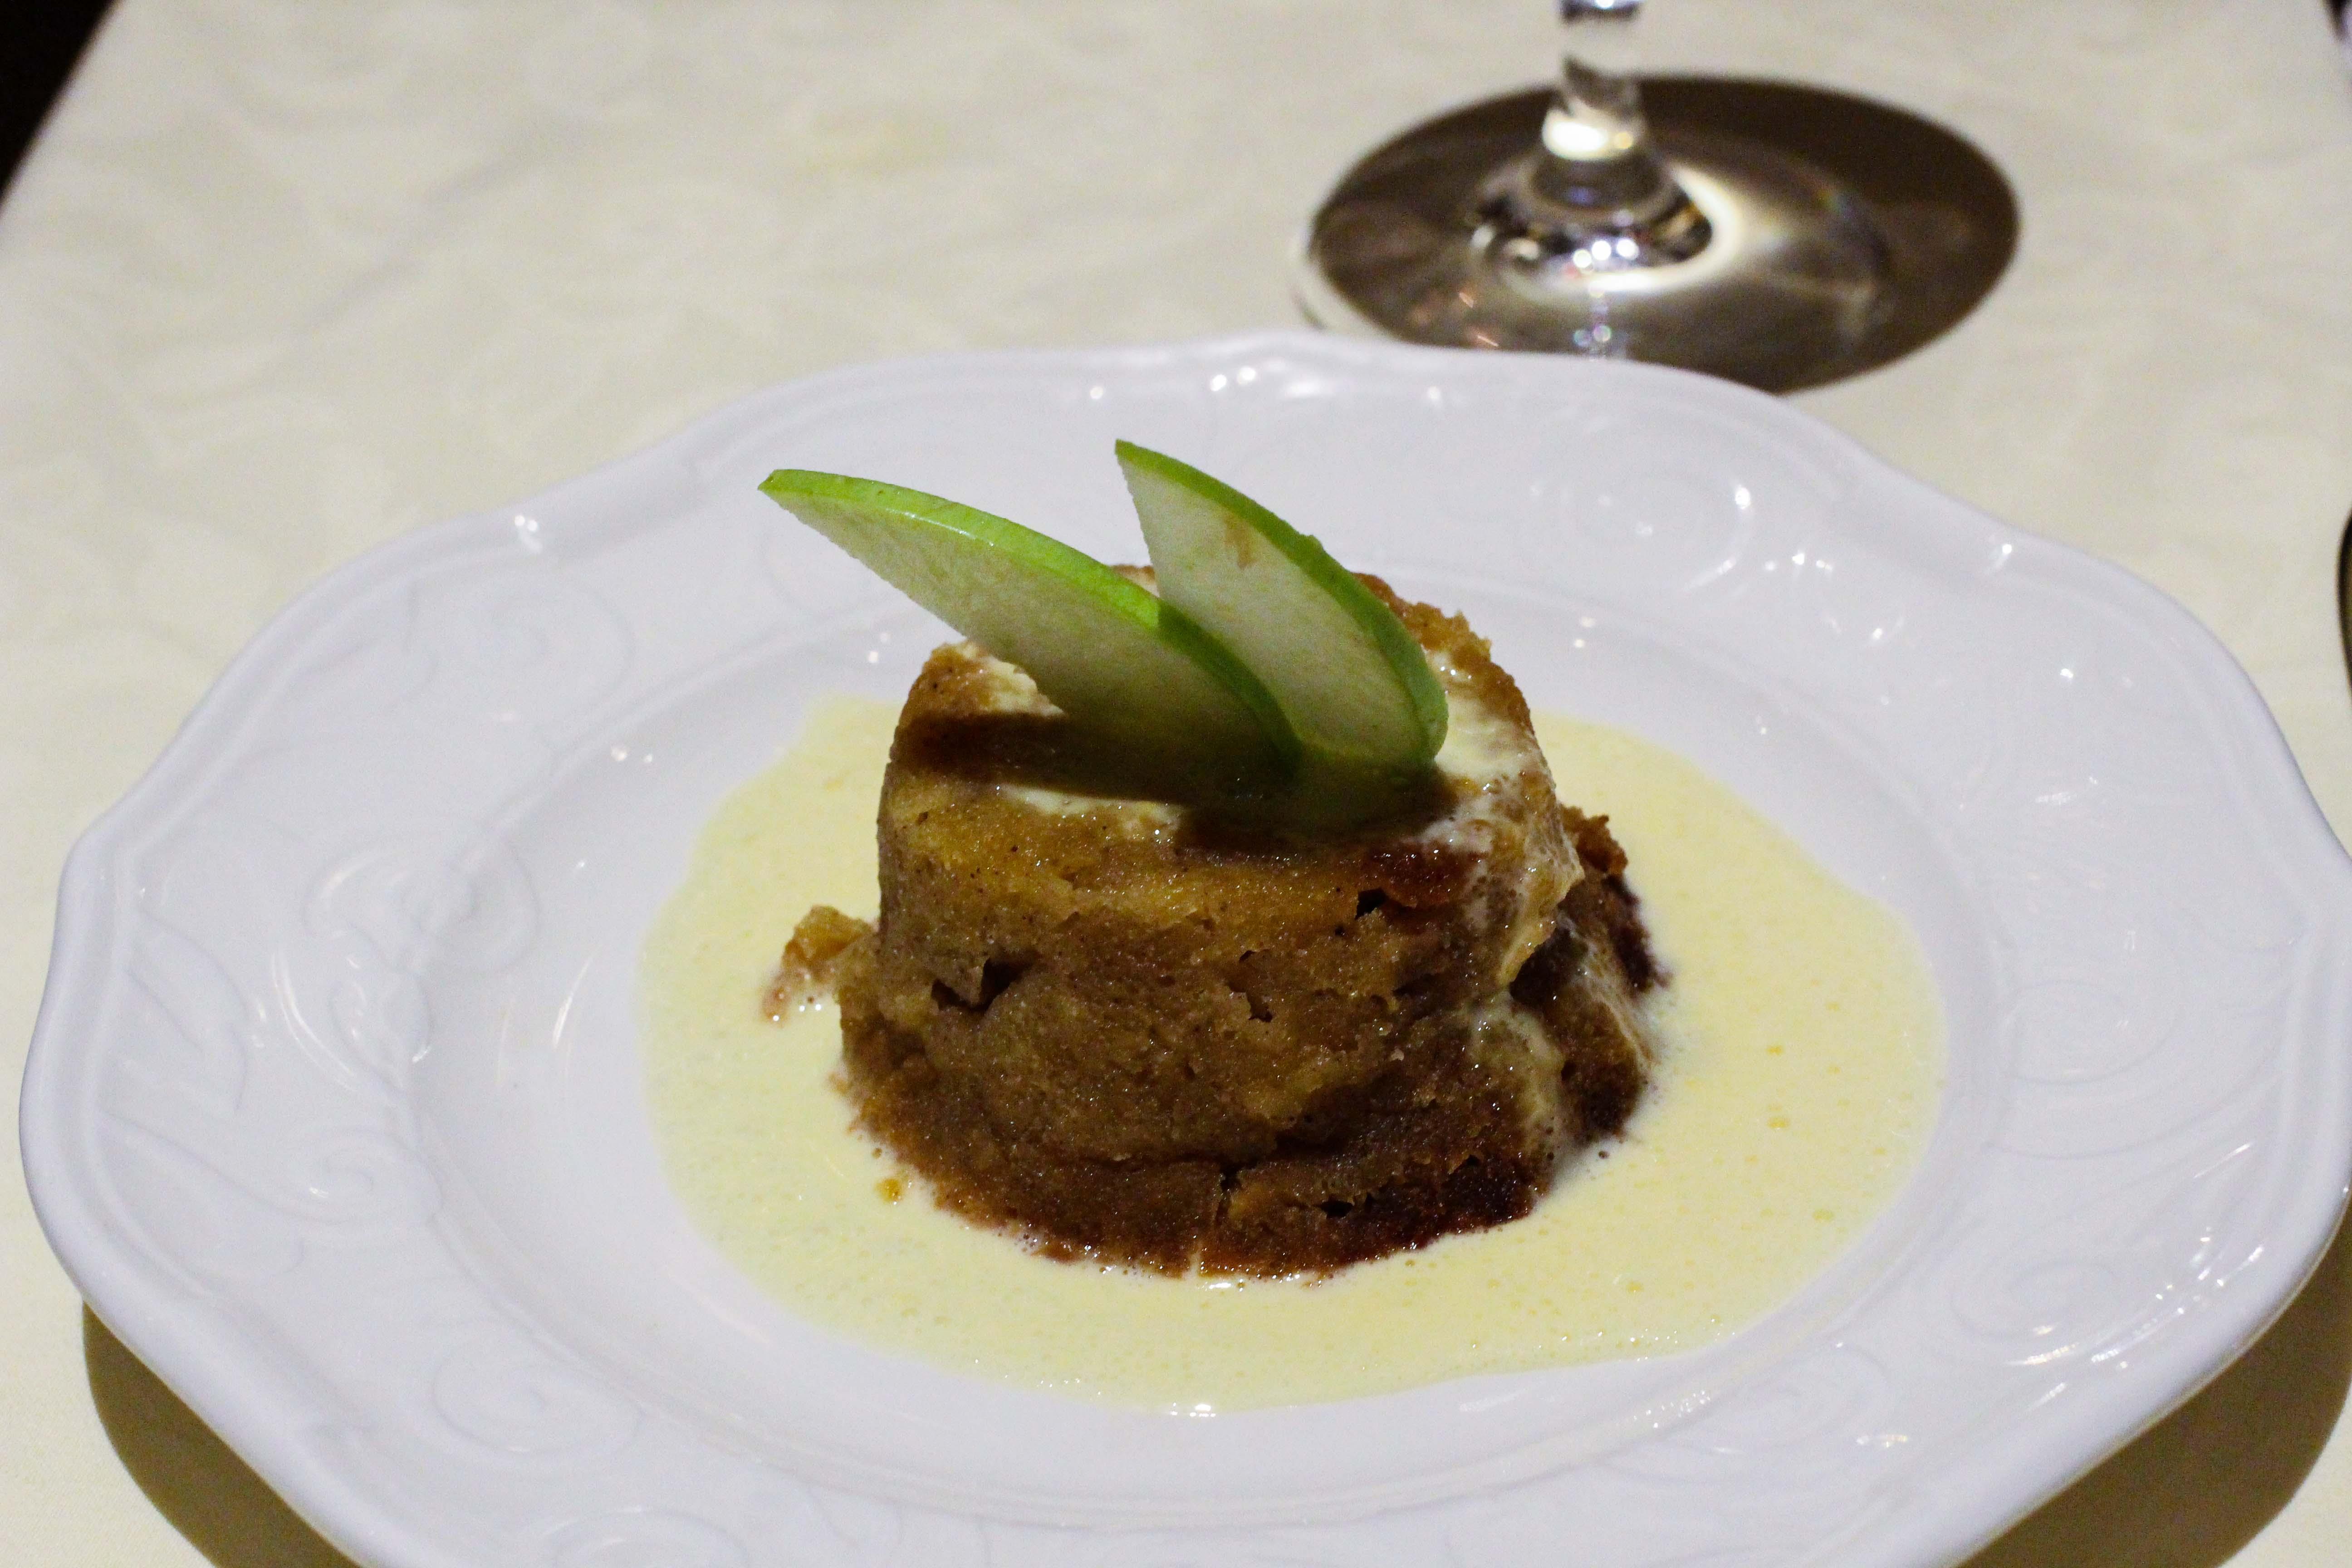 Warwick Hotel Doha Restaurant italienisch warmer Apfelkuchen Luxushotel 5 Sterne Hotel Qatar Reiseblog